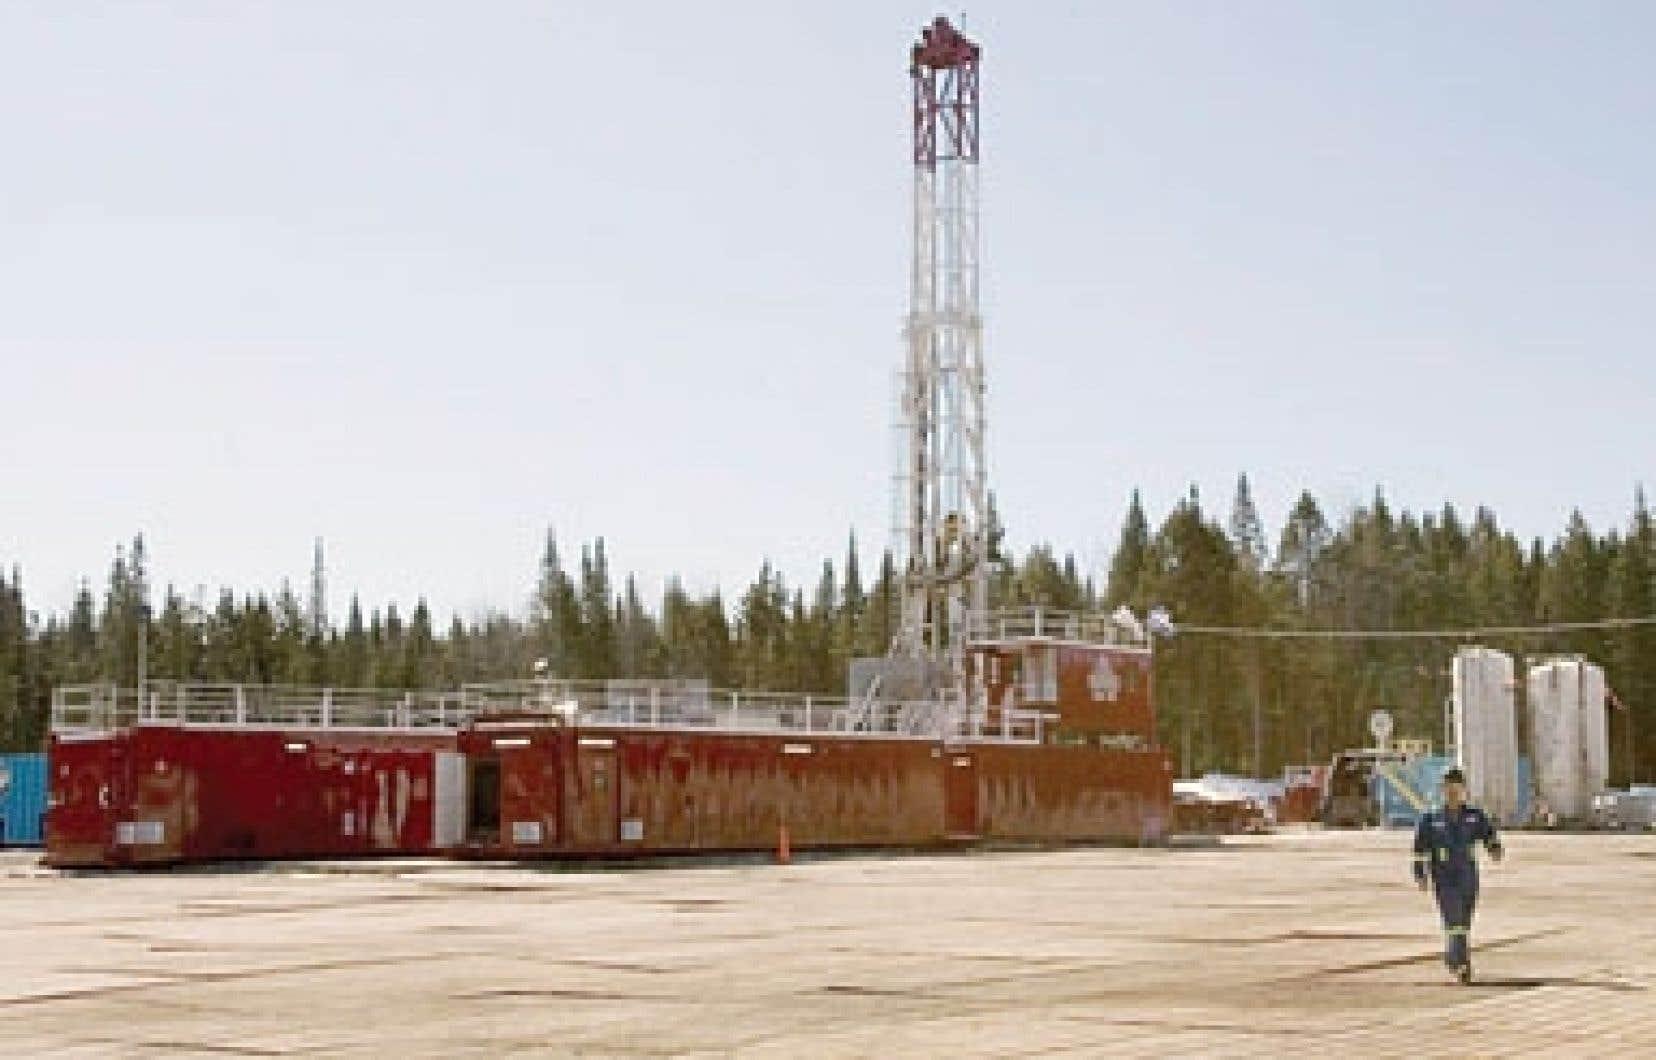 Michael Binnion ne digère pas que le gouvernement Marois ait mis en veilleuse l'exploitation des gaz de schiste au Québec. Ci-dessus, un puits de Saint-Édouard-de-Lotbinière.